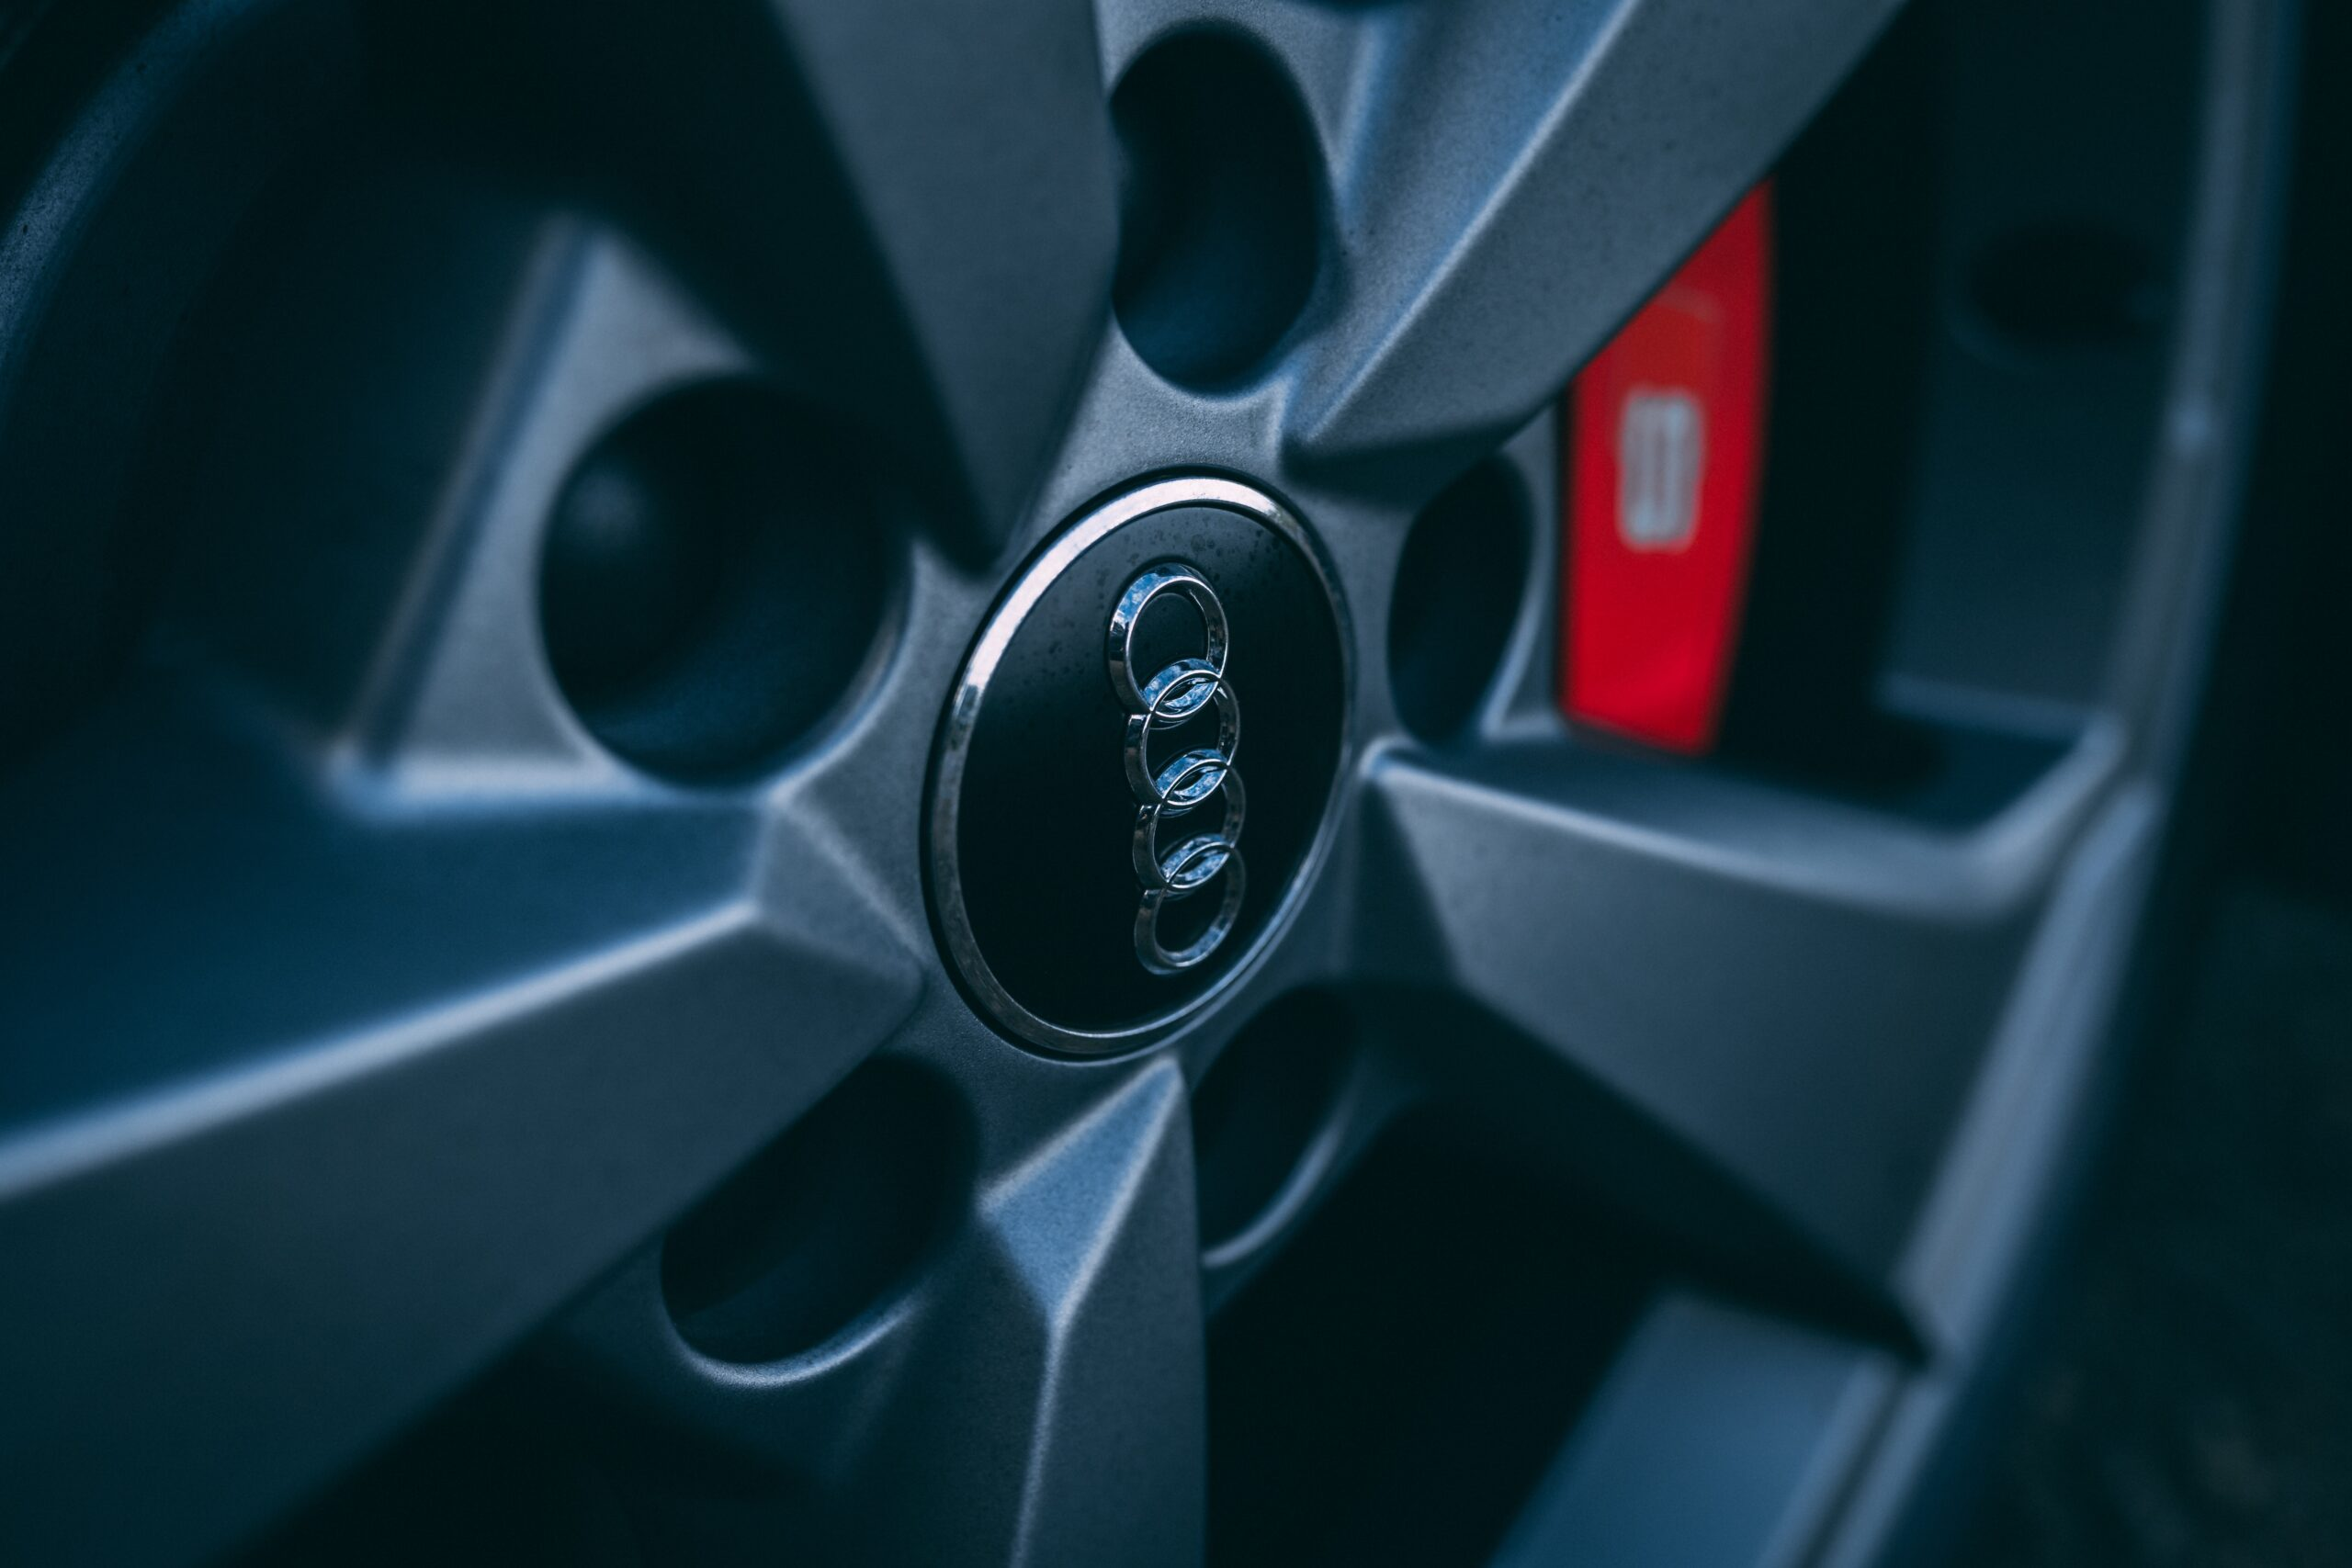 car vibrate while braking